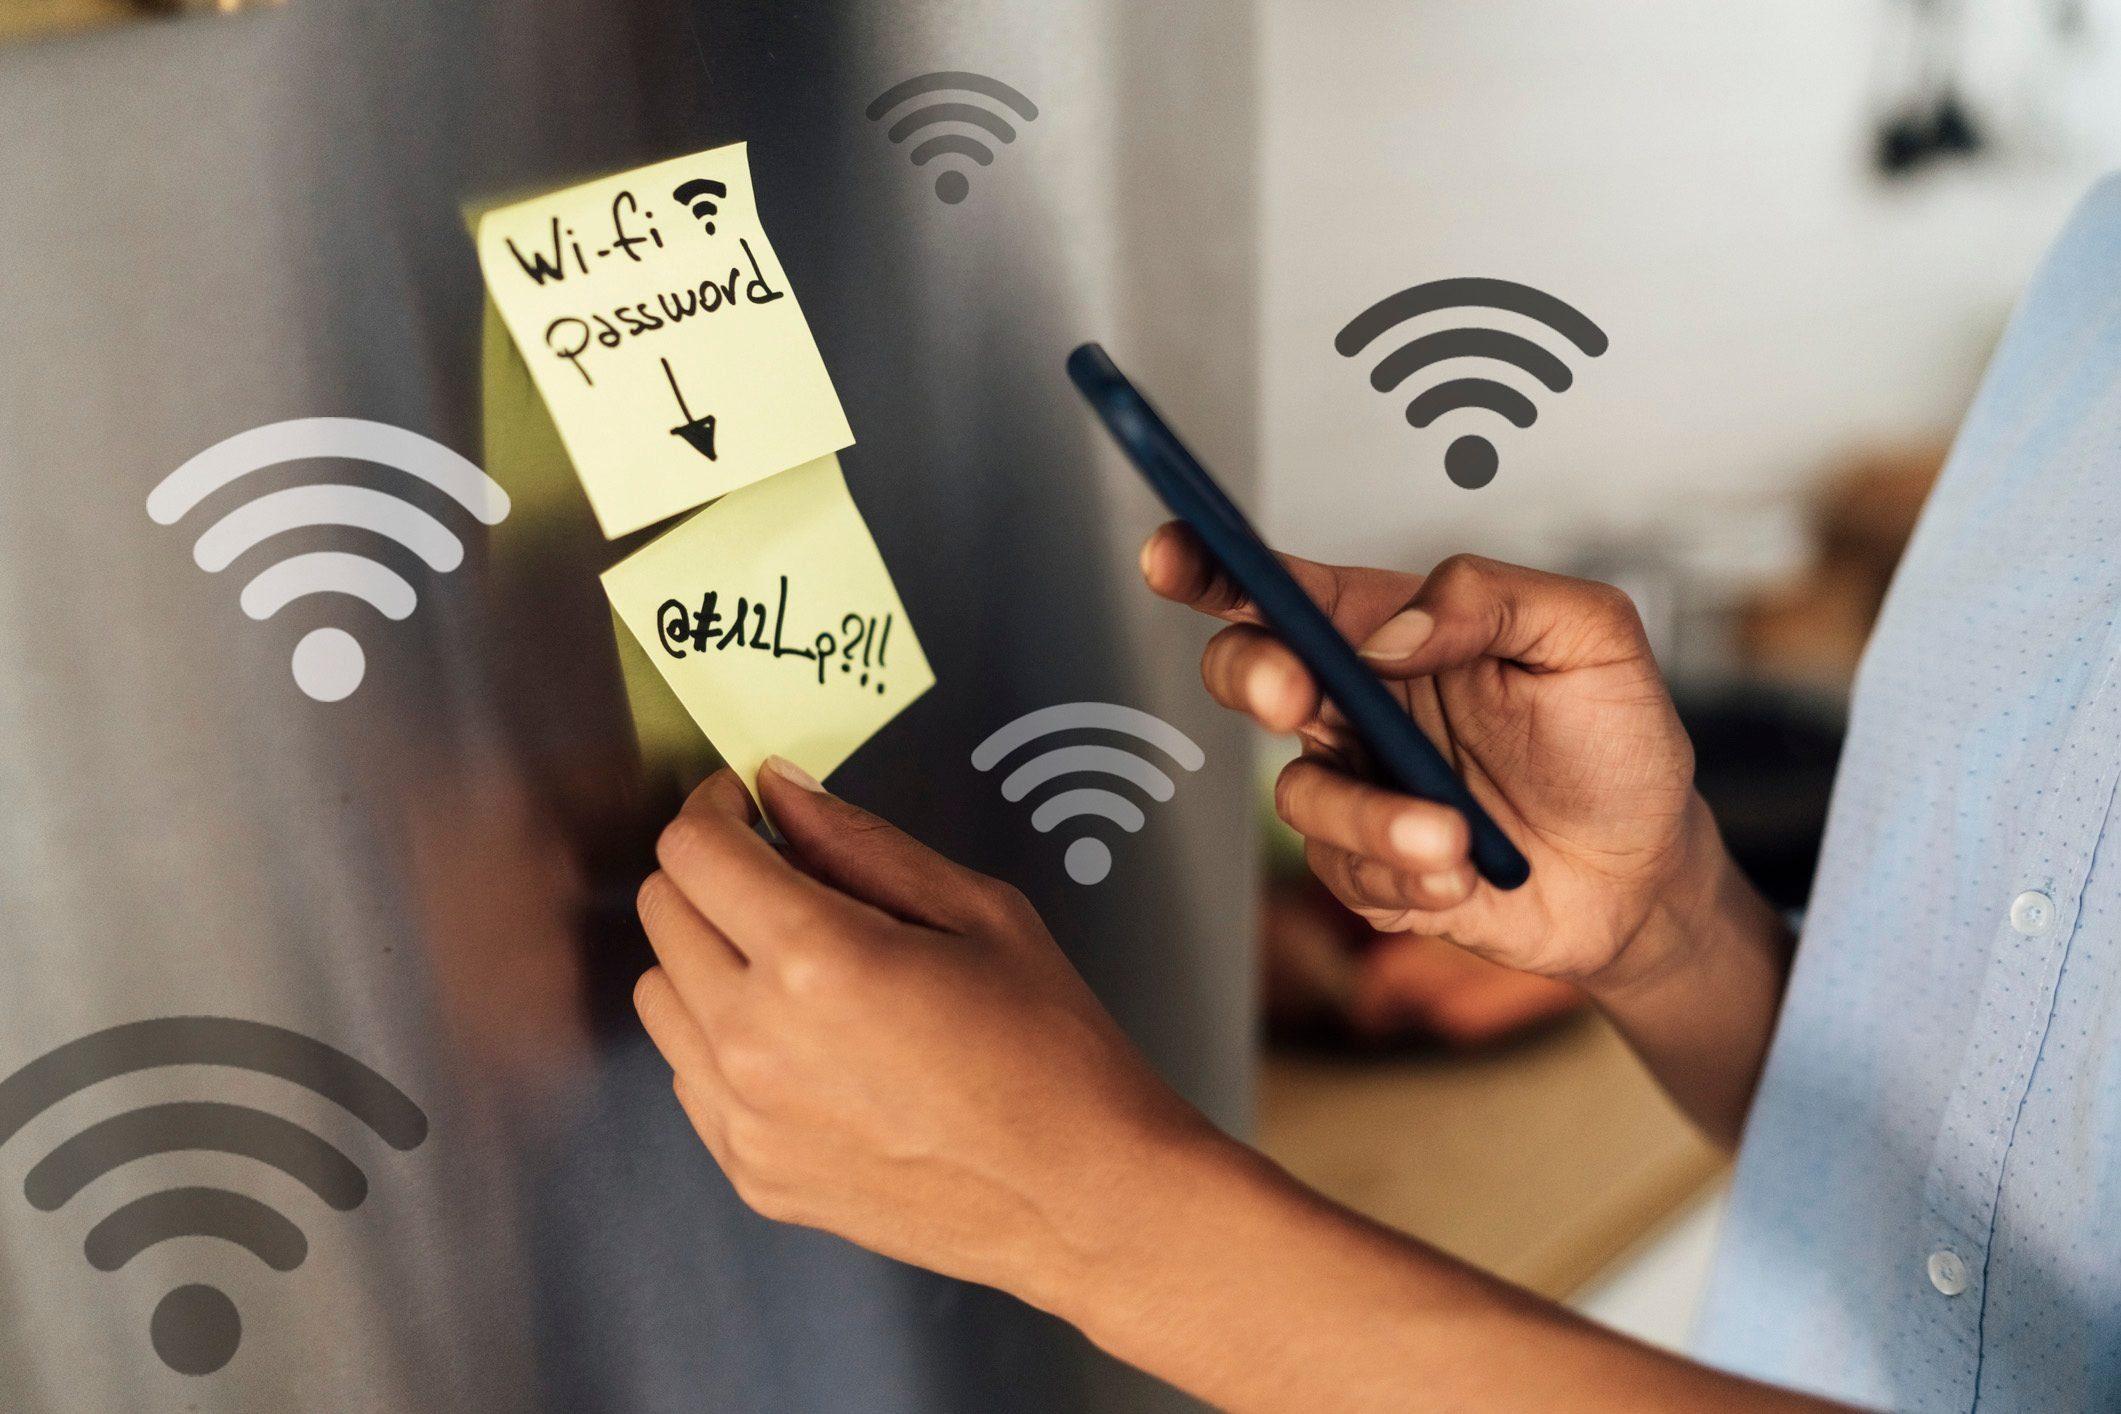 password stolen wifi